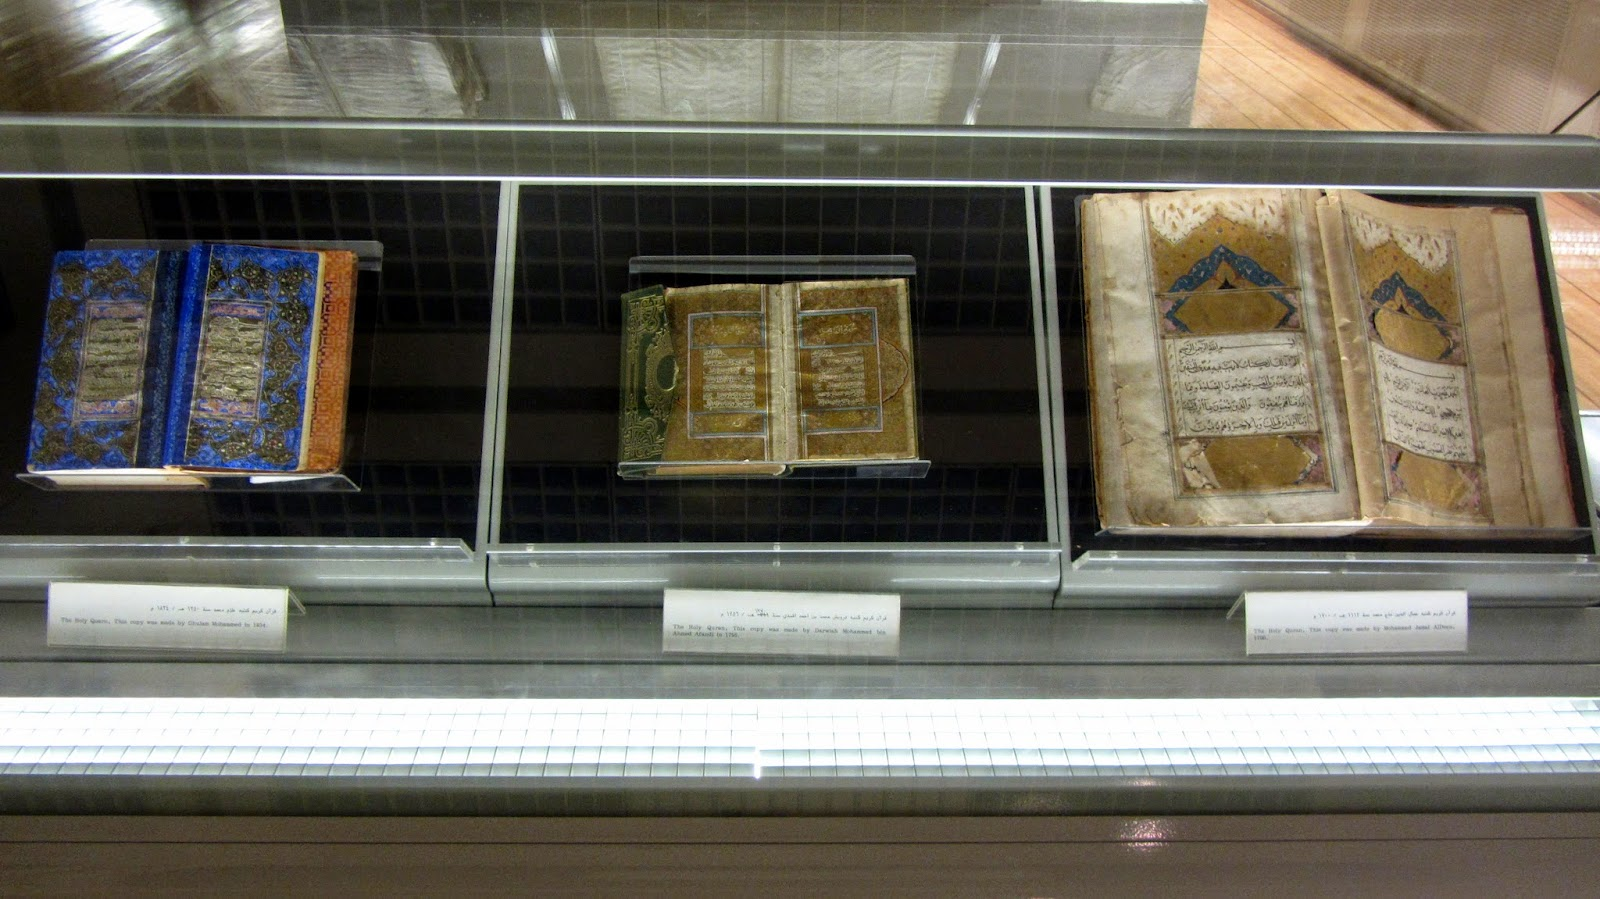 Qurans Bahrain National Museum Pop Culture Middle East blog